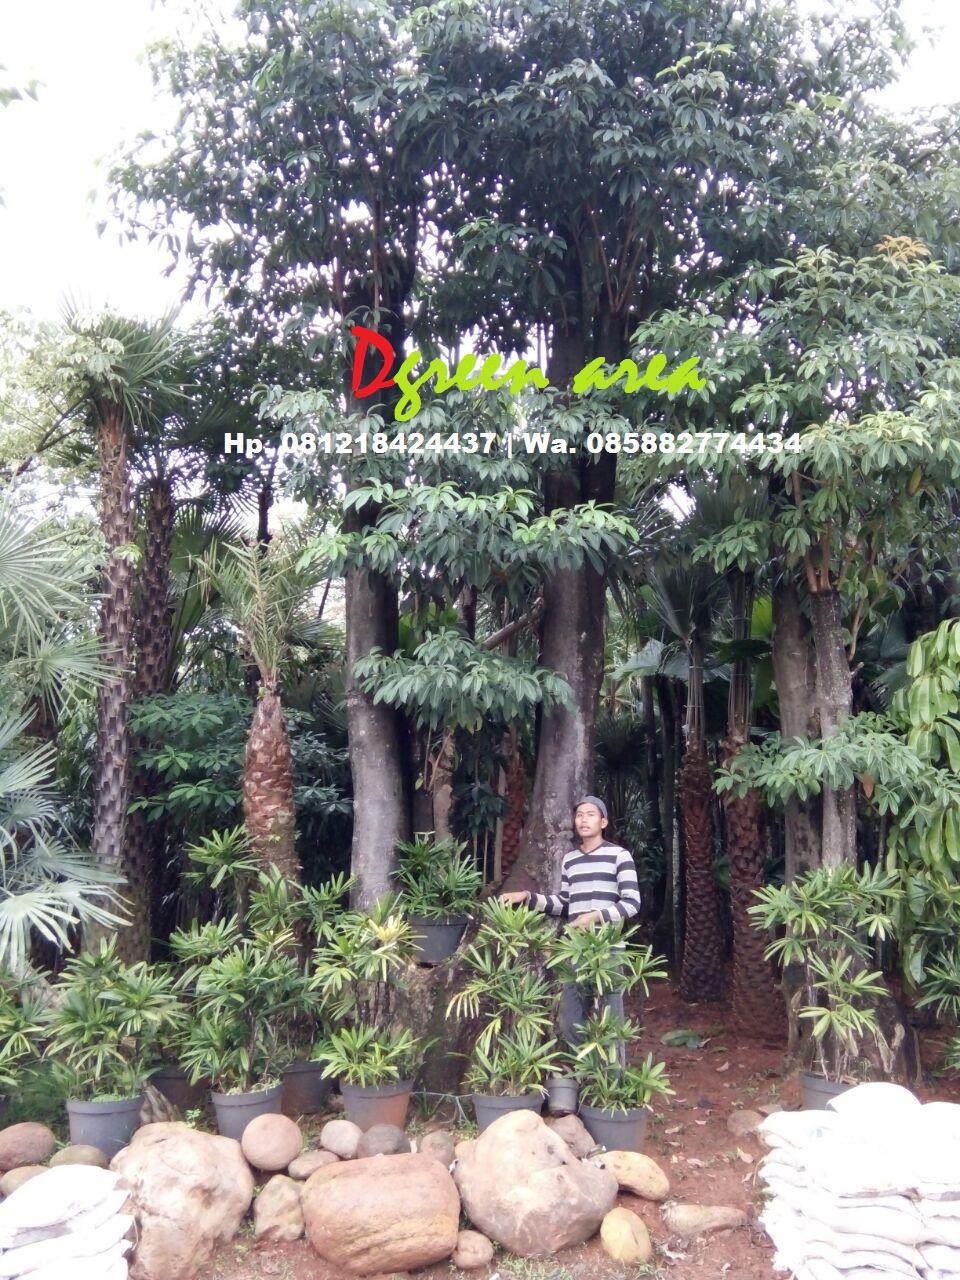 Tukang Taman Murah  JUAL POHON PULE DENGAN HARGA PALING